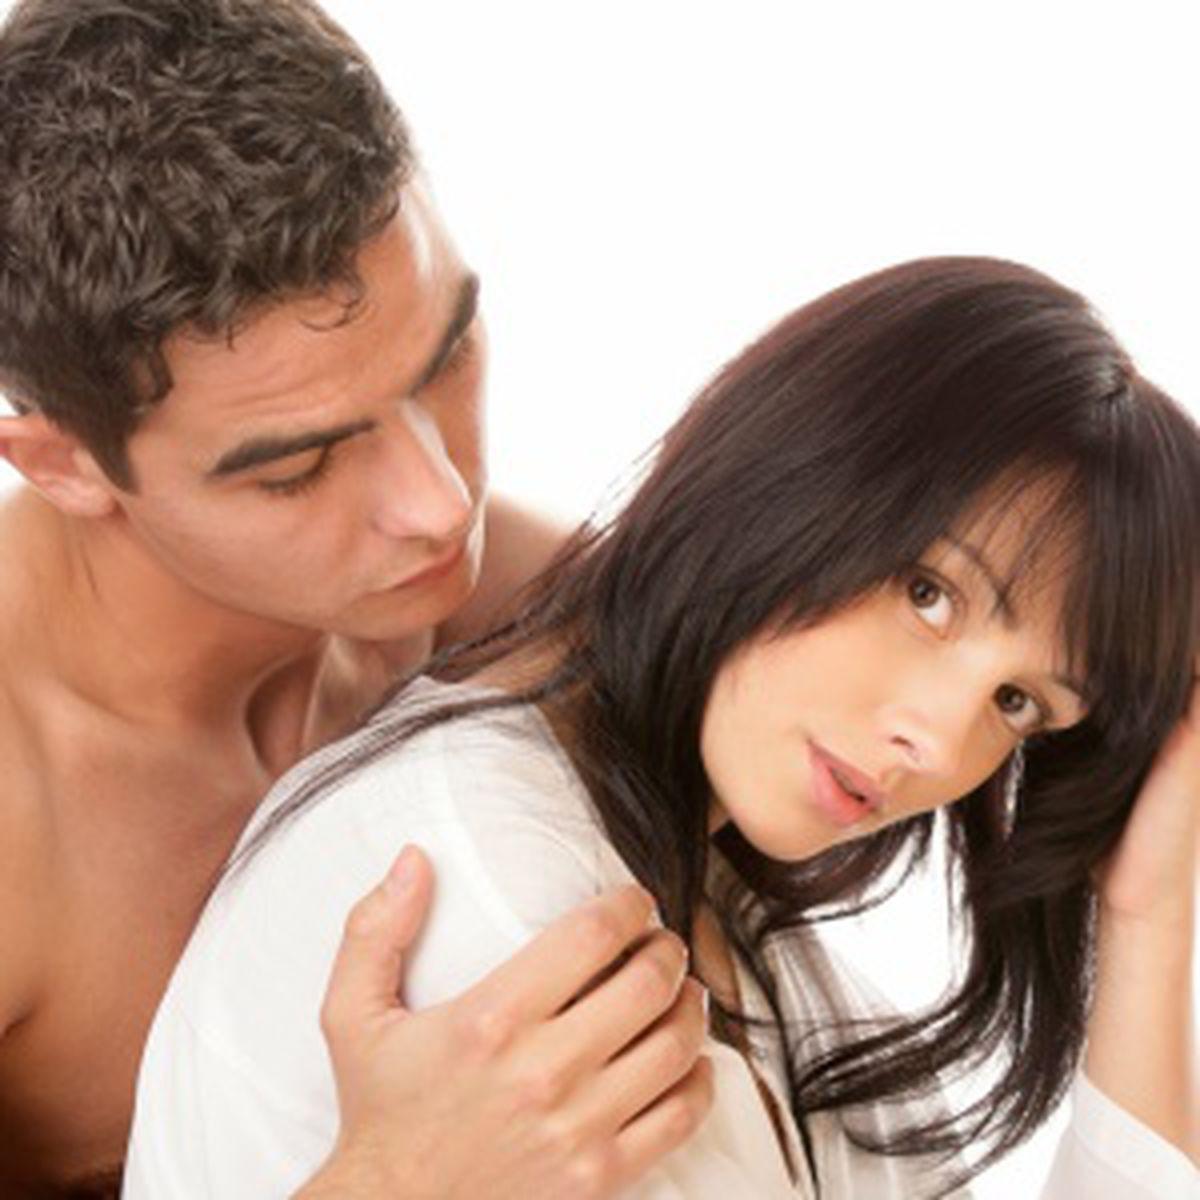 modul în care întinderea afectează erecția